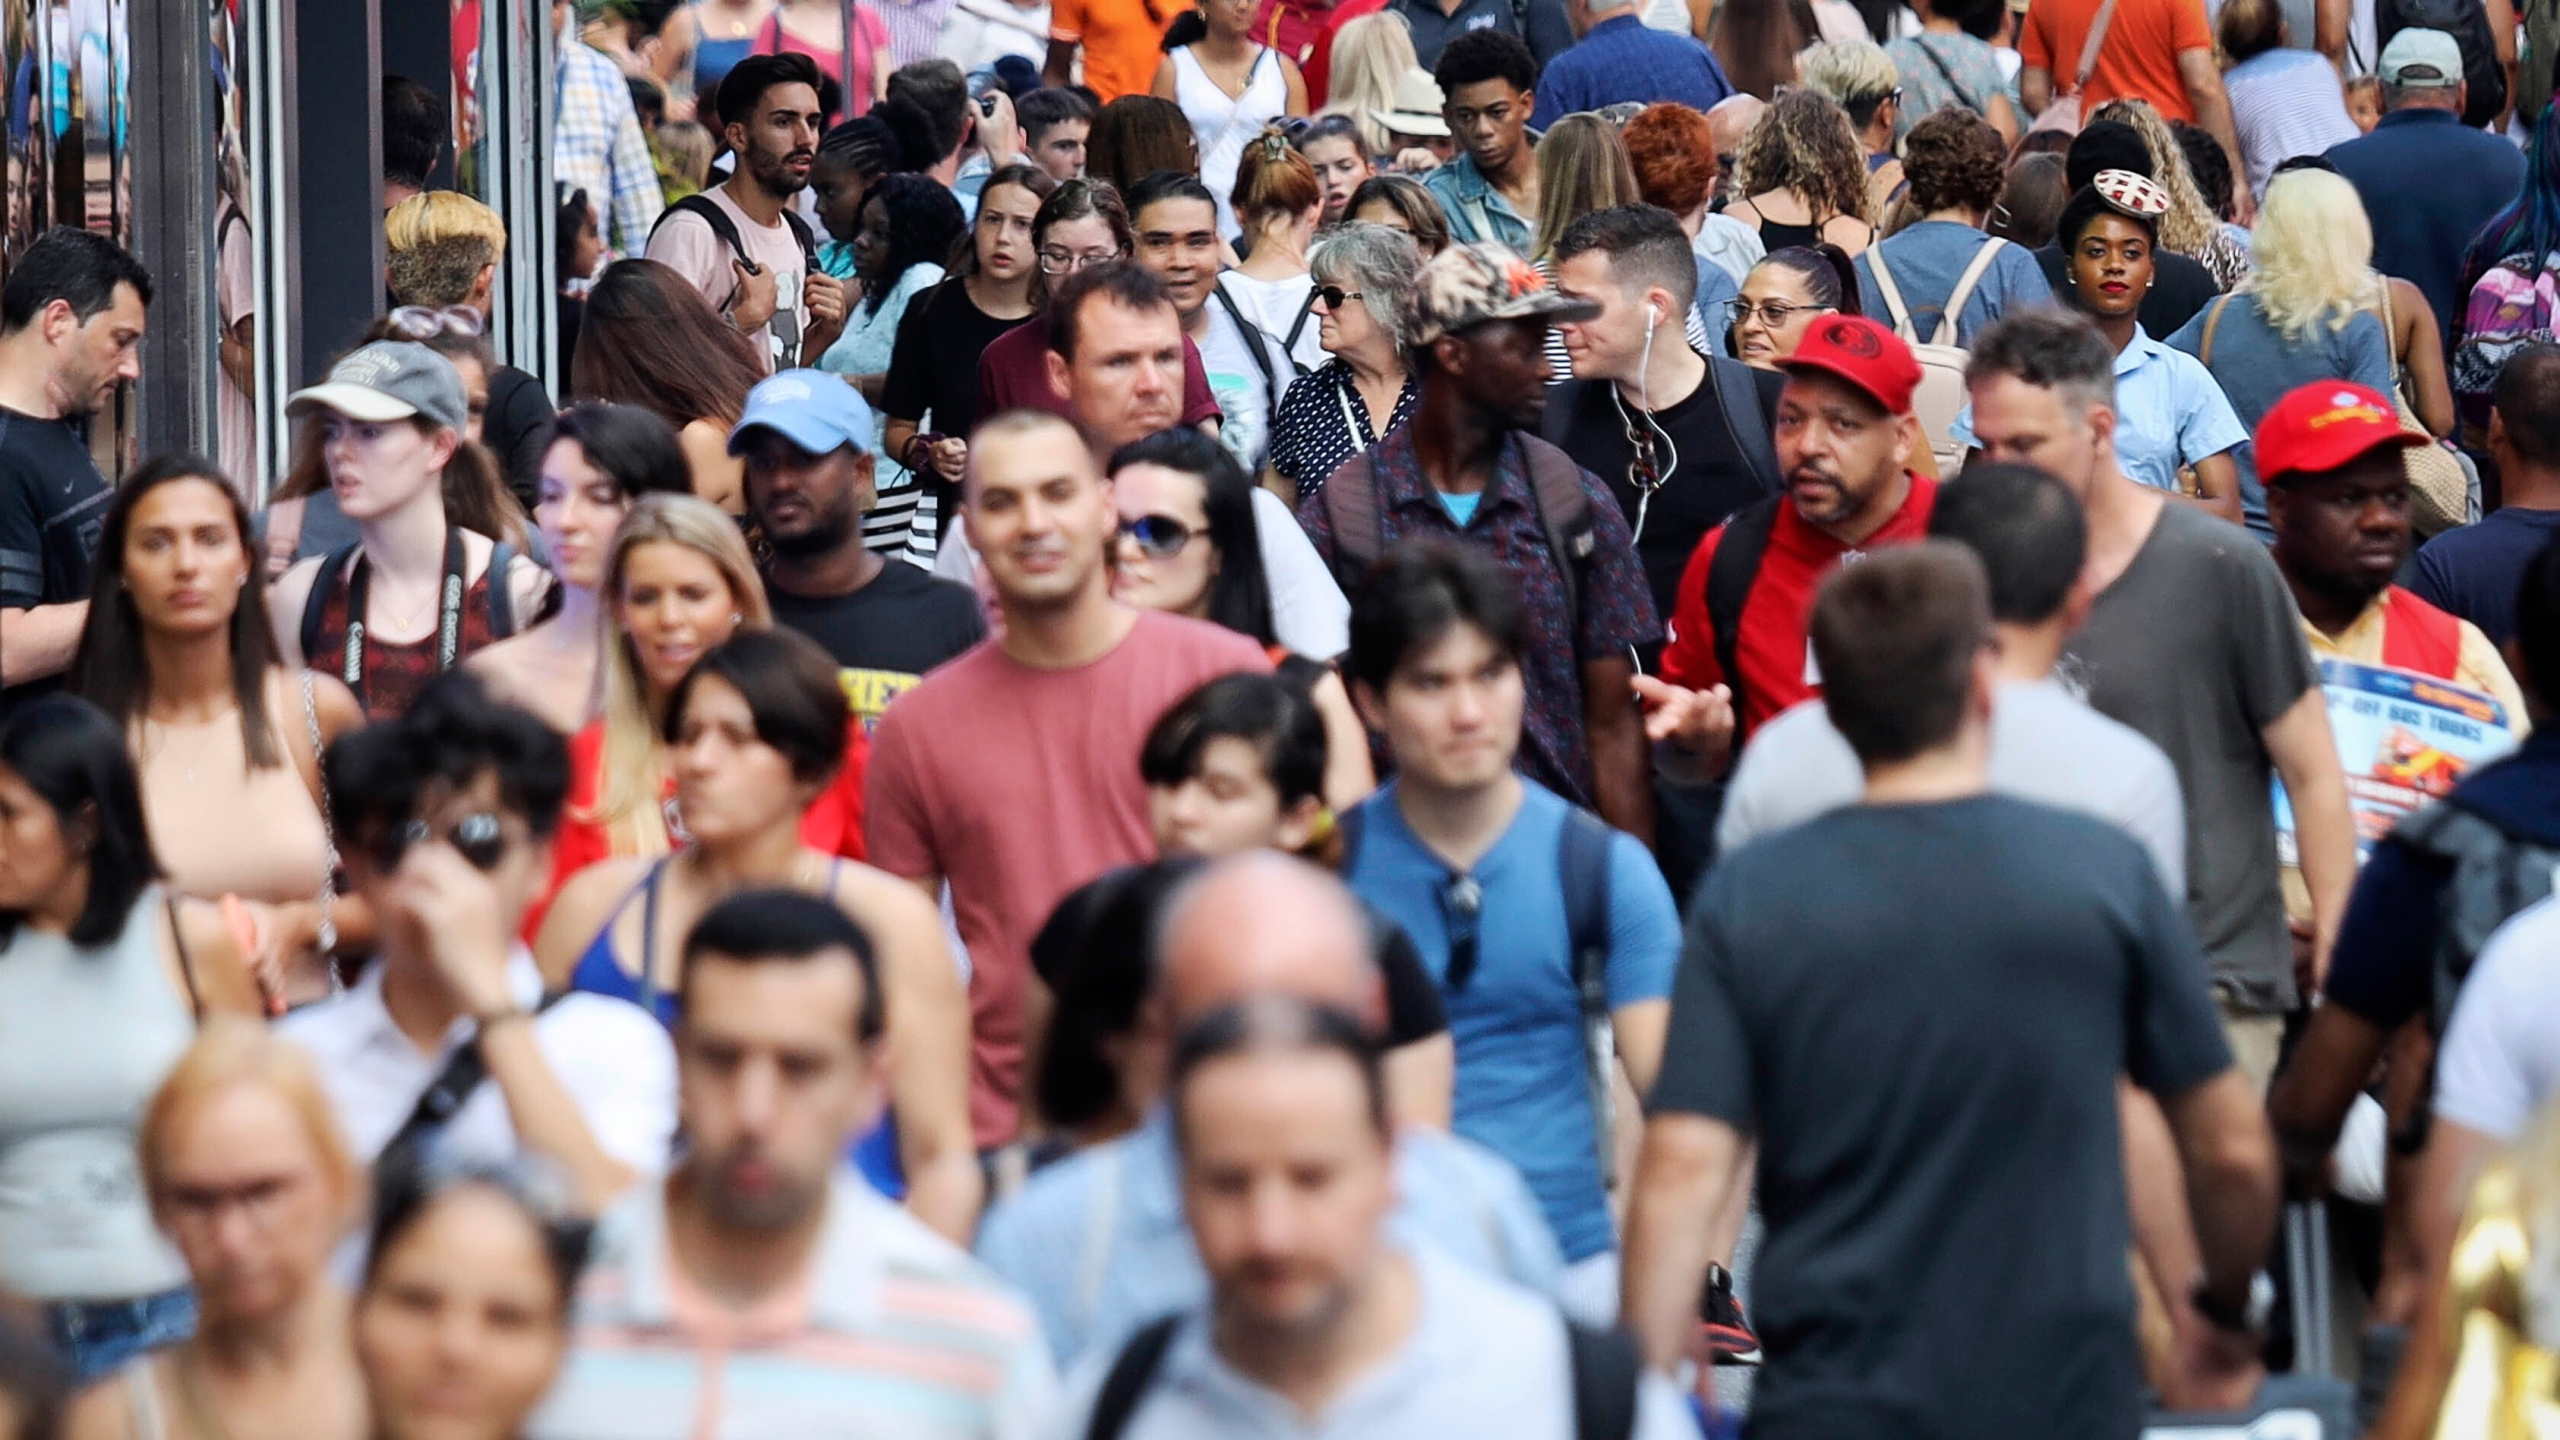 Pedestrian crowds